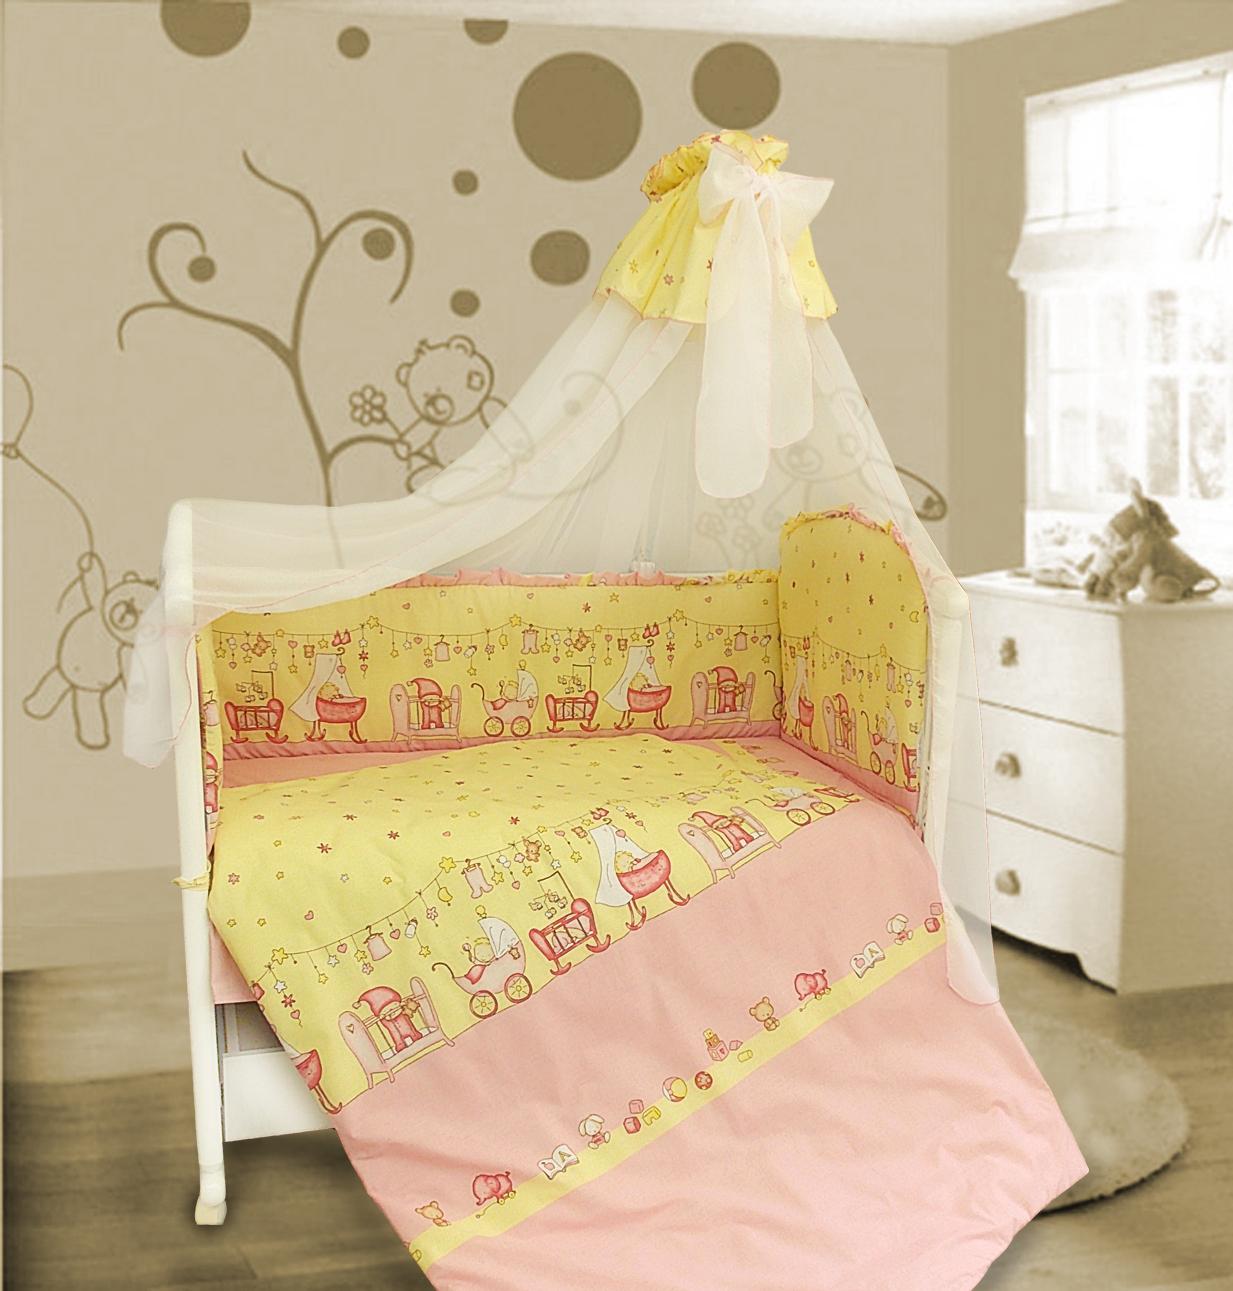 Комплект в кроватку - Забавки, 7 предметов, розовыйДетское постельное белье<br>Комплект в кроватку - Забавки, 7 предметов, розовый<br>